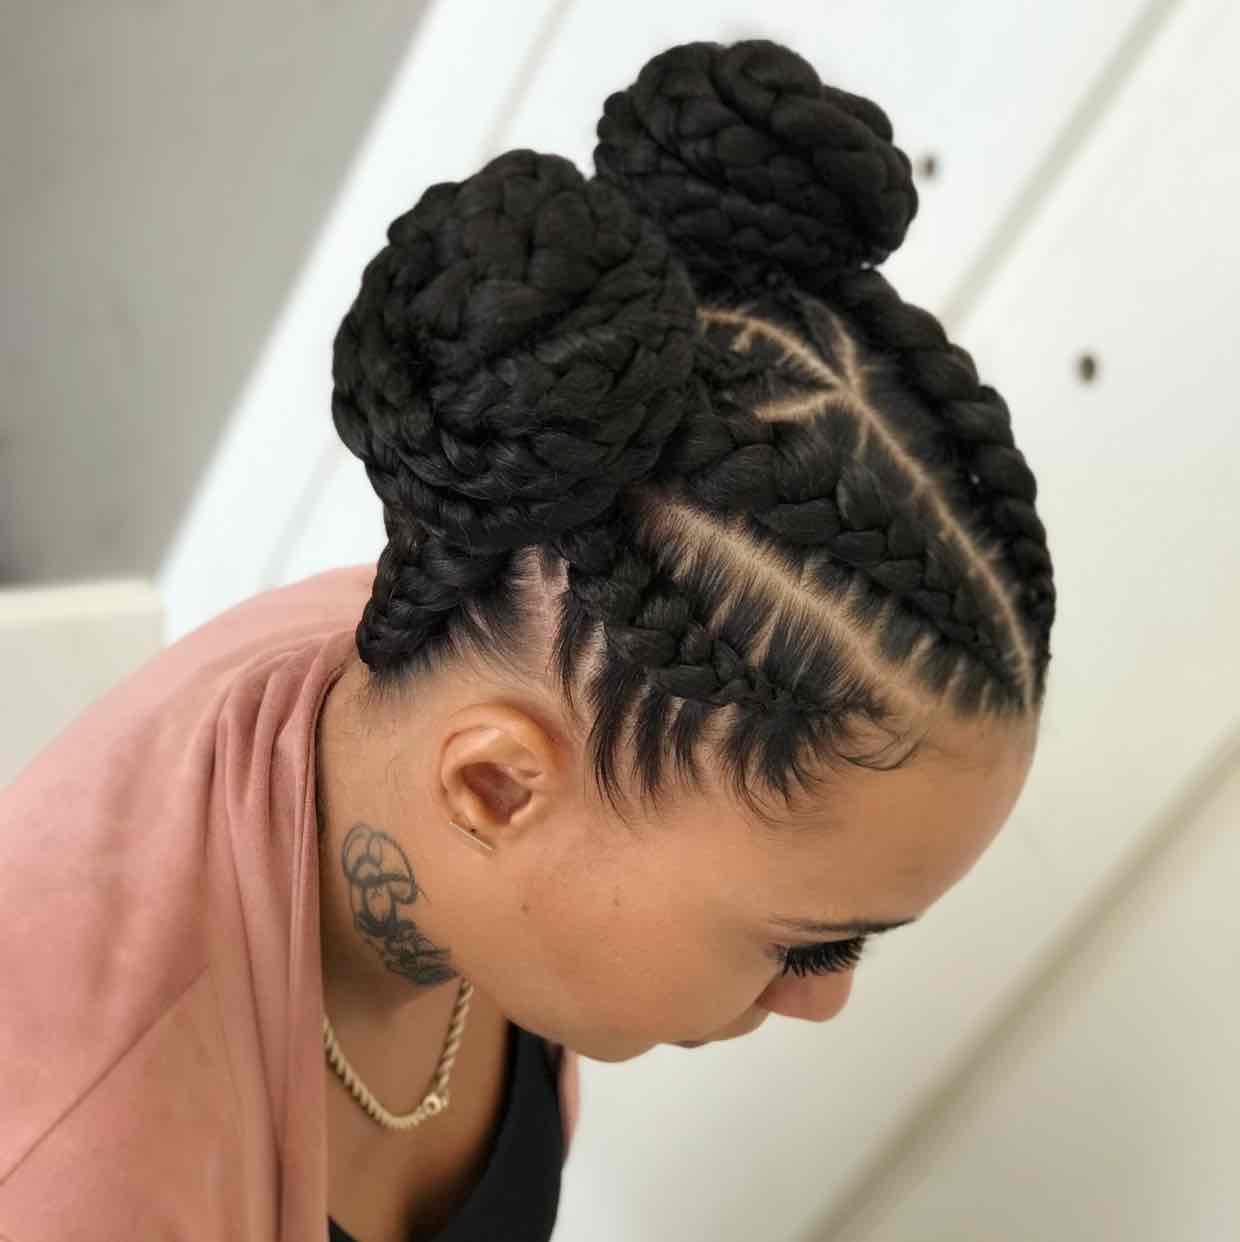 salon de coiffure afro tresse tresses box braids crochet braids vanilles tissages paris 75 77 78 91 92 93 94 95 JQFSERKF